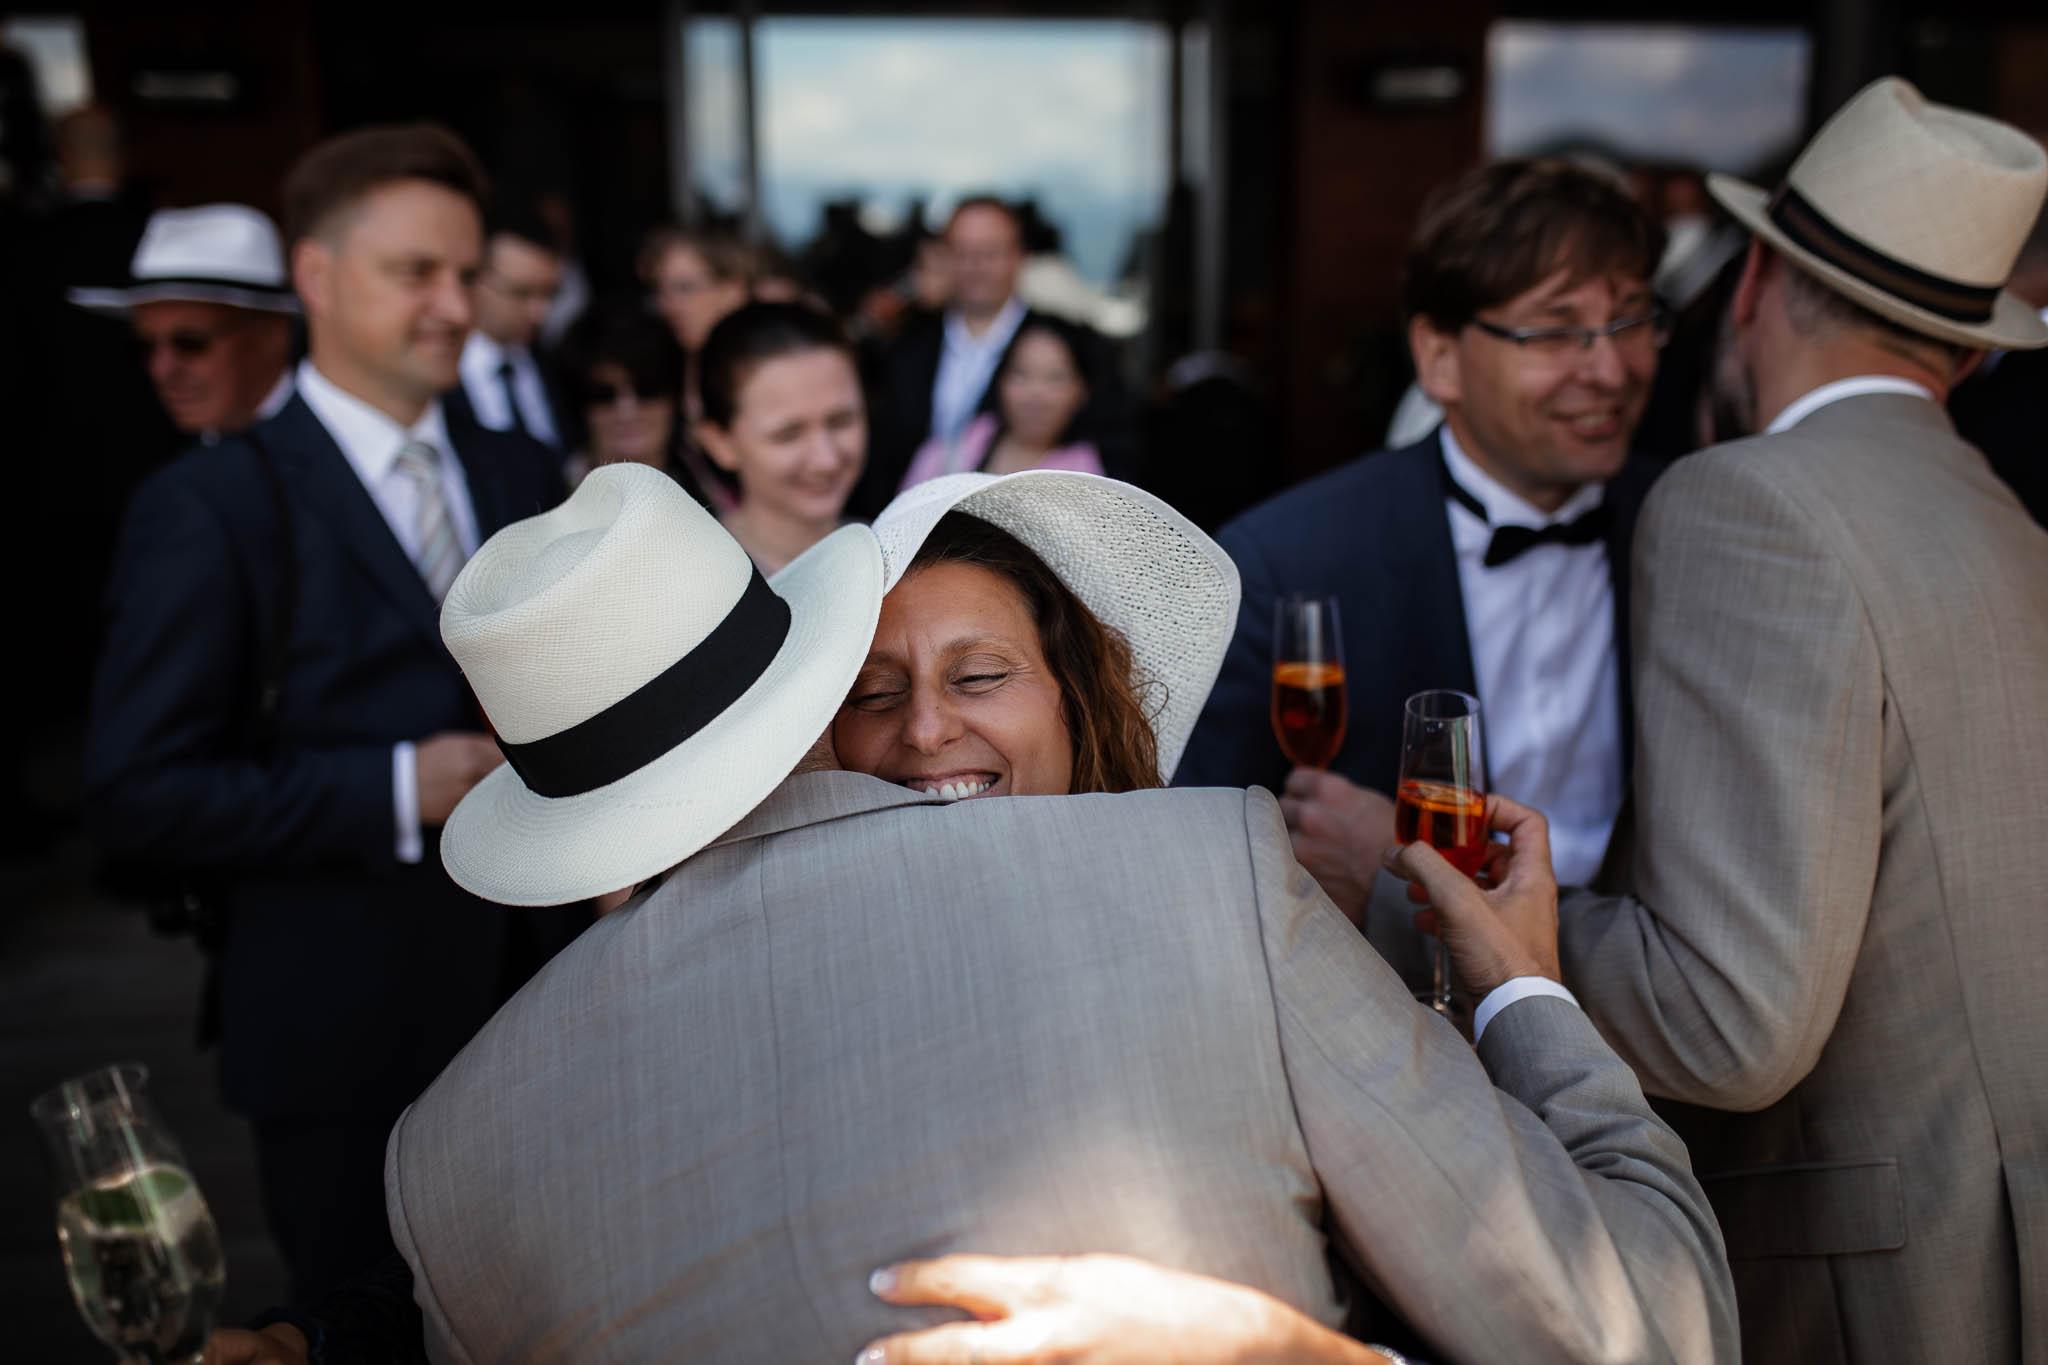 Hochzeitsfotograf Alpen, Chiemgau: freie Trauung von Dennis & Dirk 41